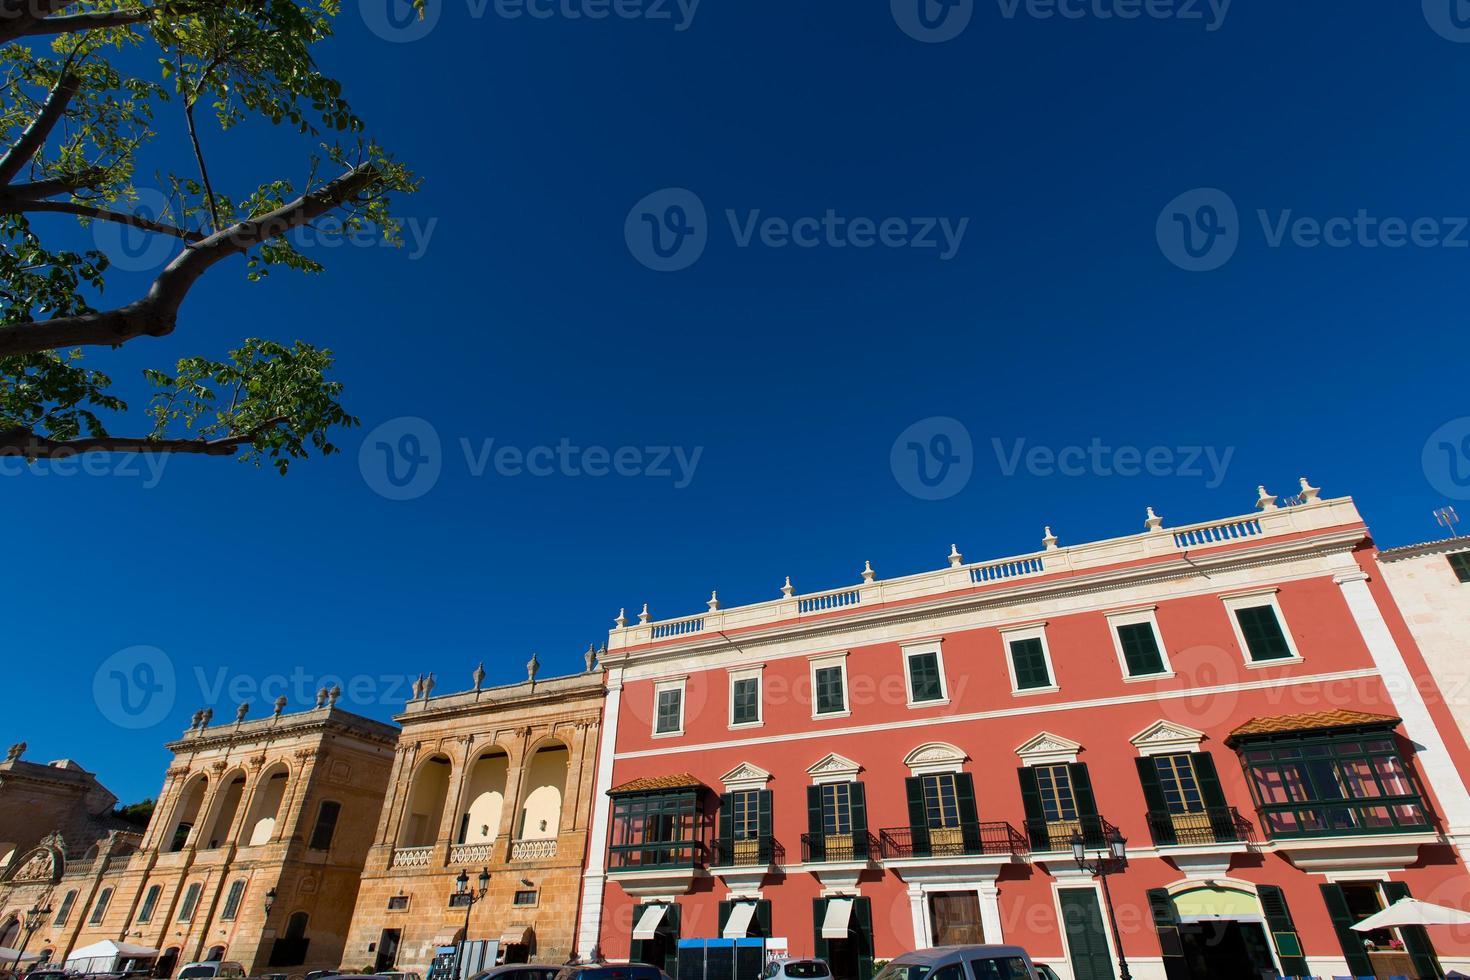 Ciutadella Menorca Placa des Born downtown Ciudadela photo